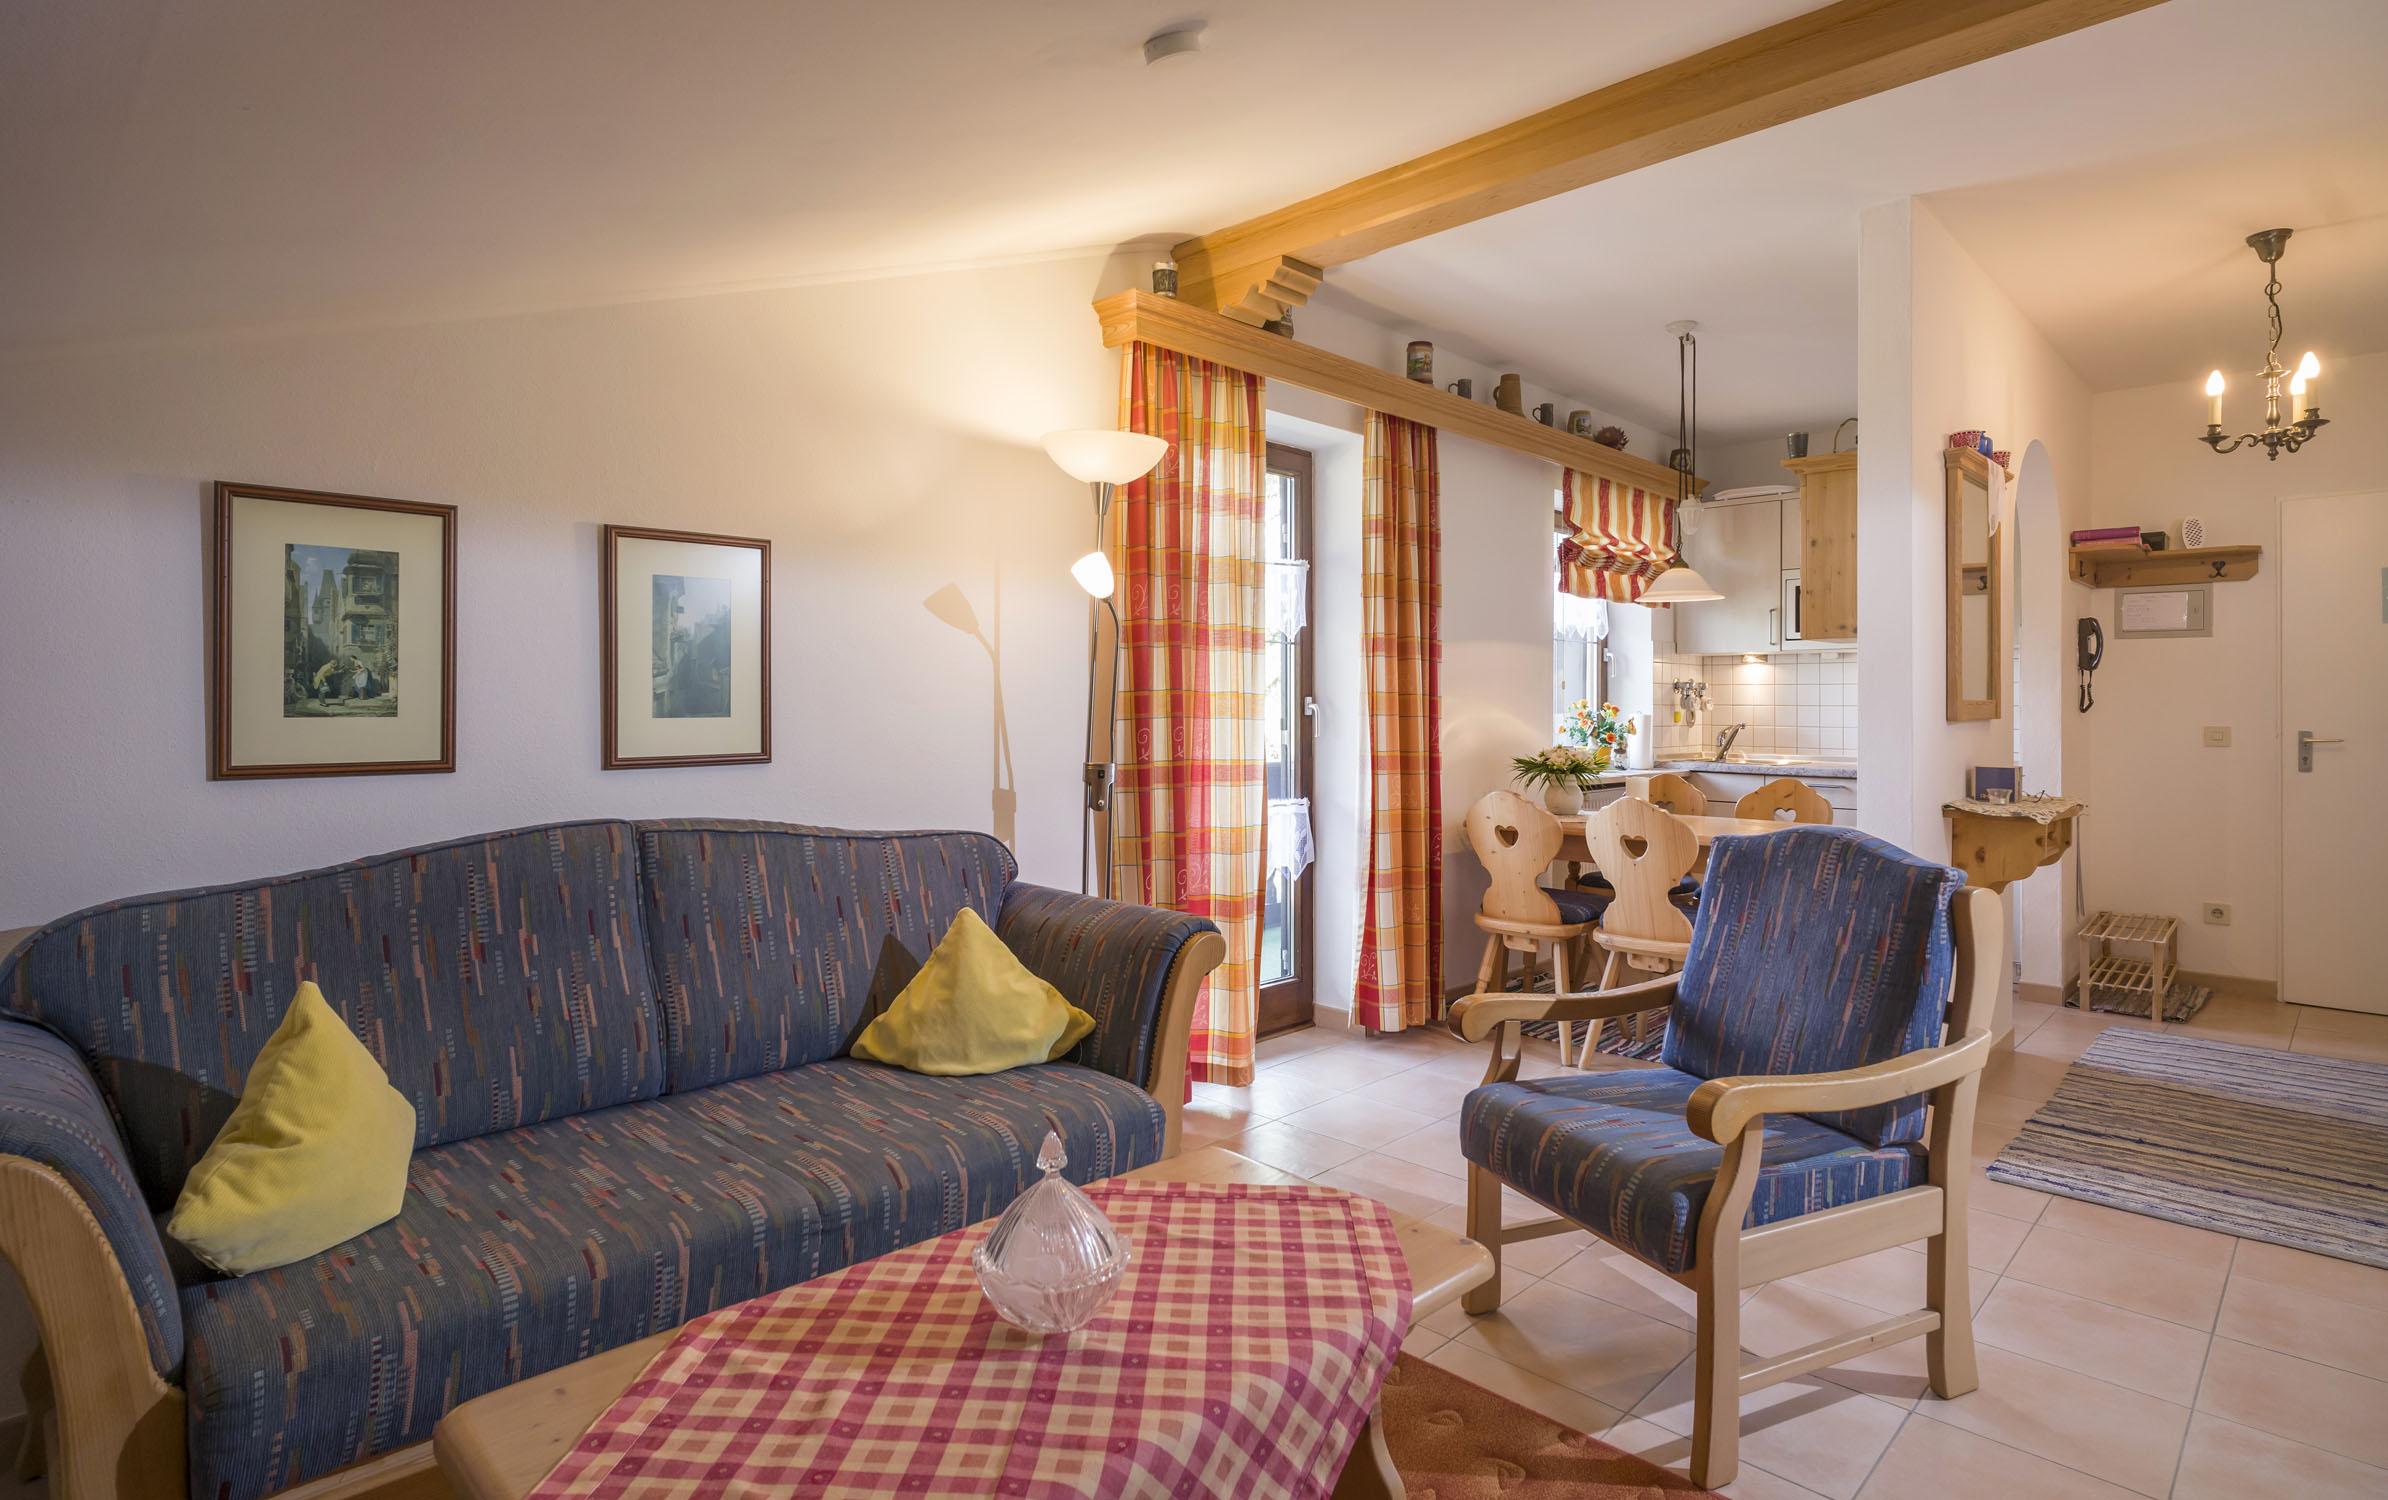 Ferienwohnung Dannapfel im Bergschlößl (DE Oberaudorf). 2-Zimmer Ferienwohnung (710001), Oberaudorf, Chiemgau, Bayern, Deutschland, Bild 11